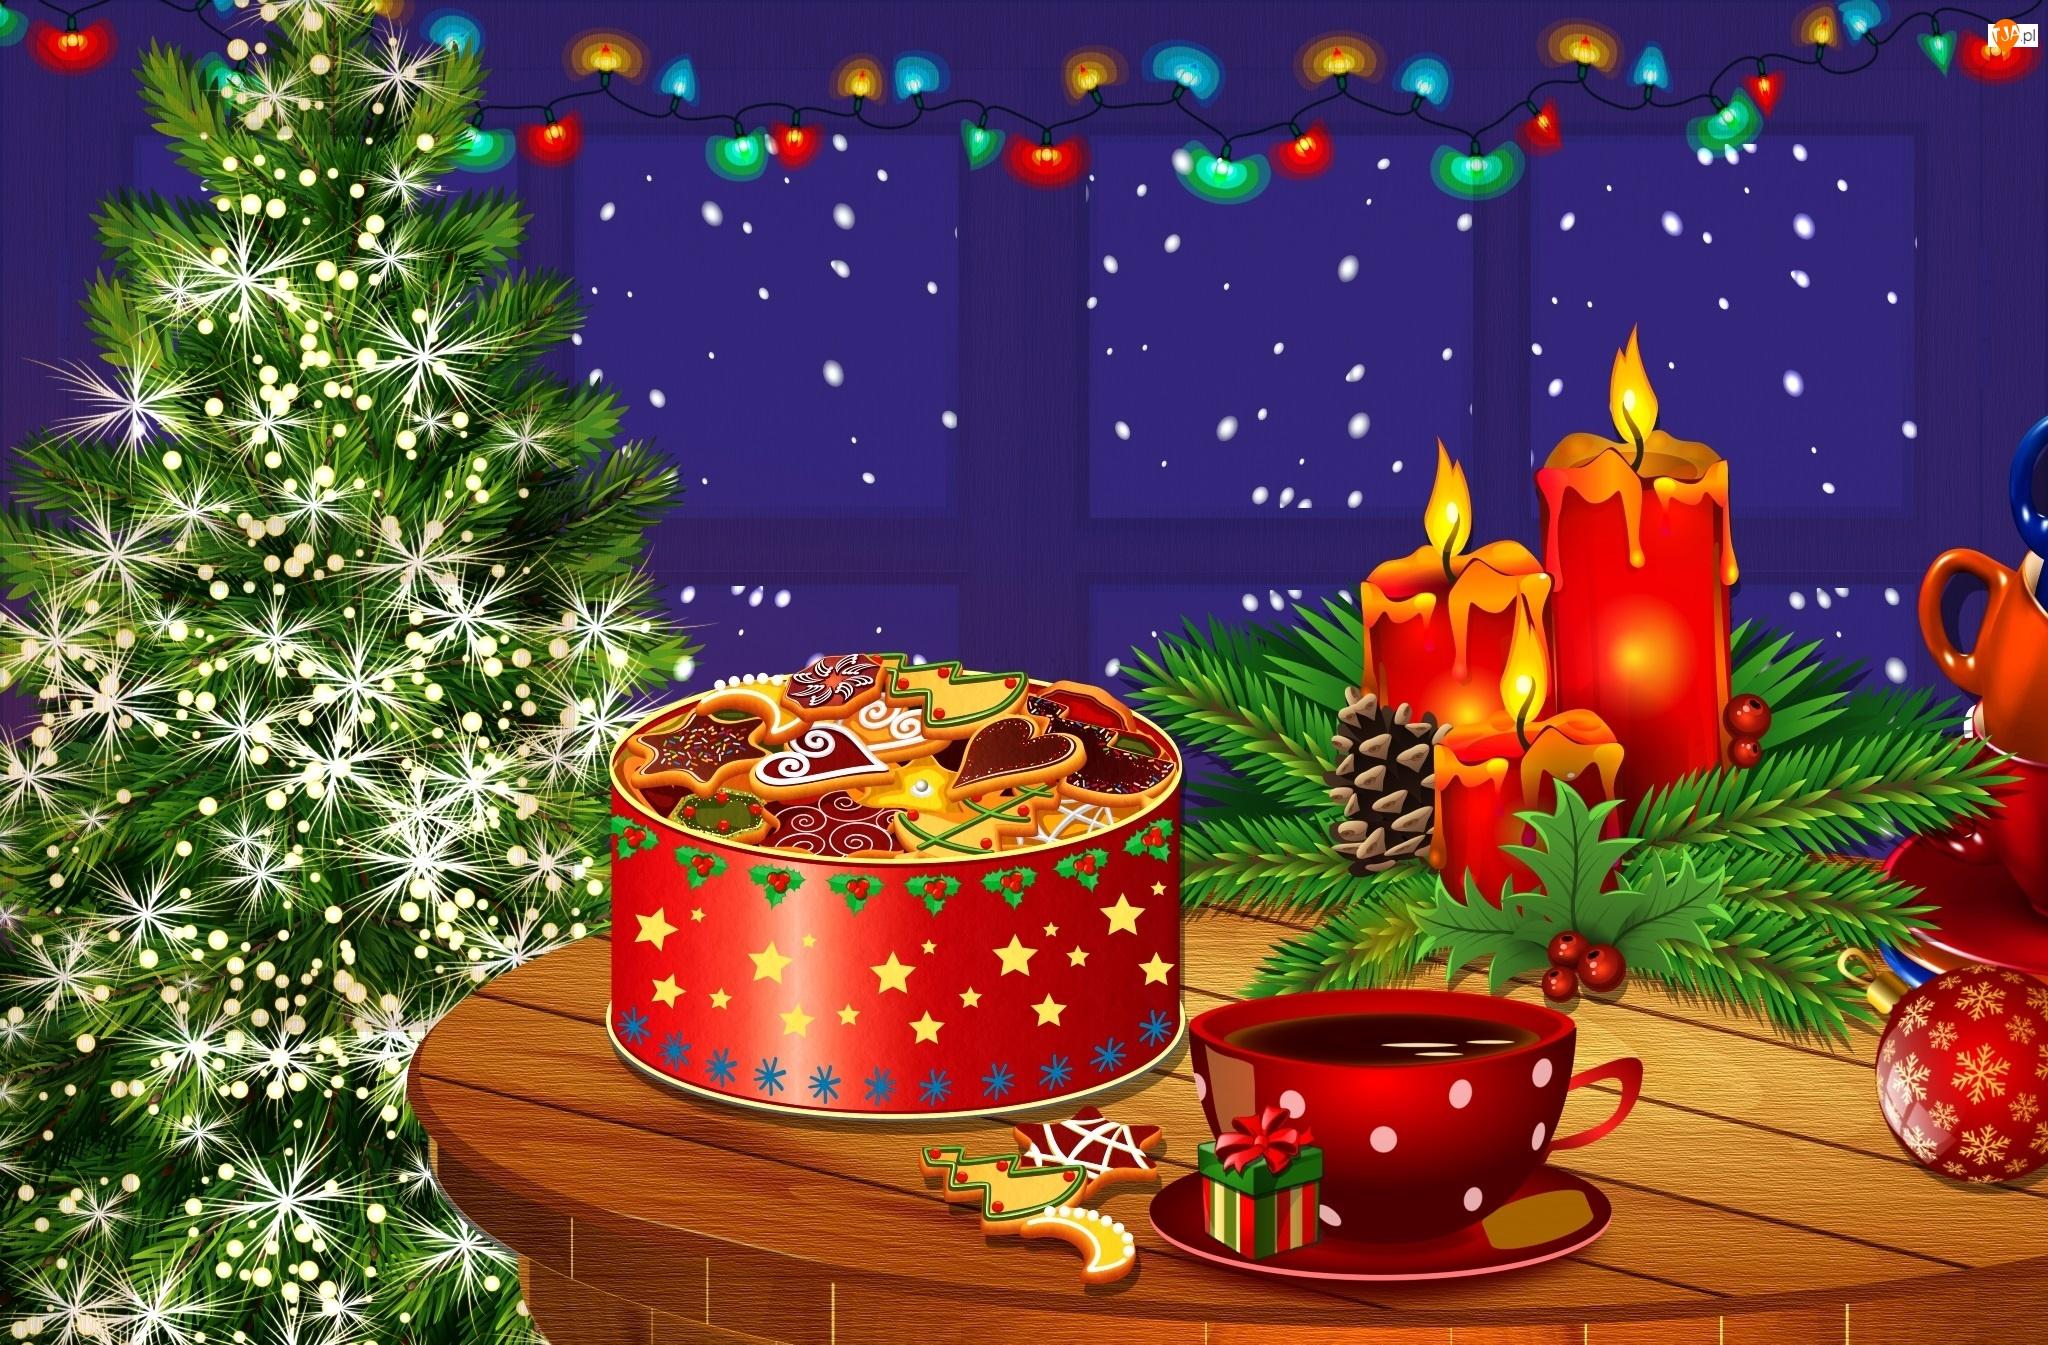 Pudełko, Boże Narodzenie, Świeczki, Ciasteczka, Choinka, Stroik, Grafika, Stół